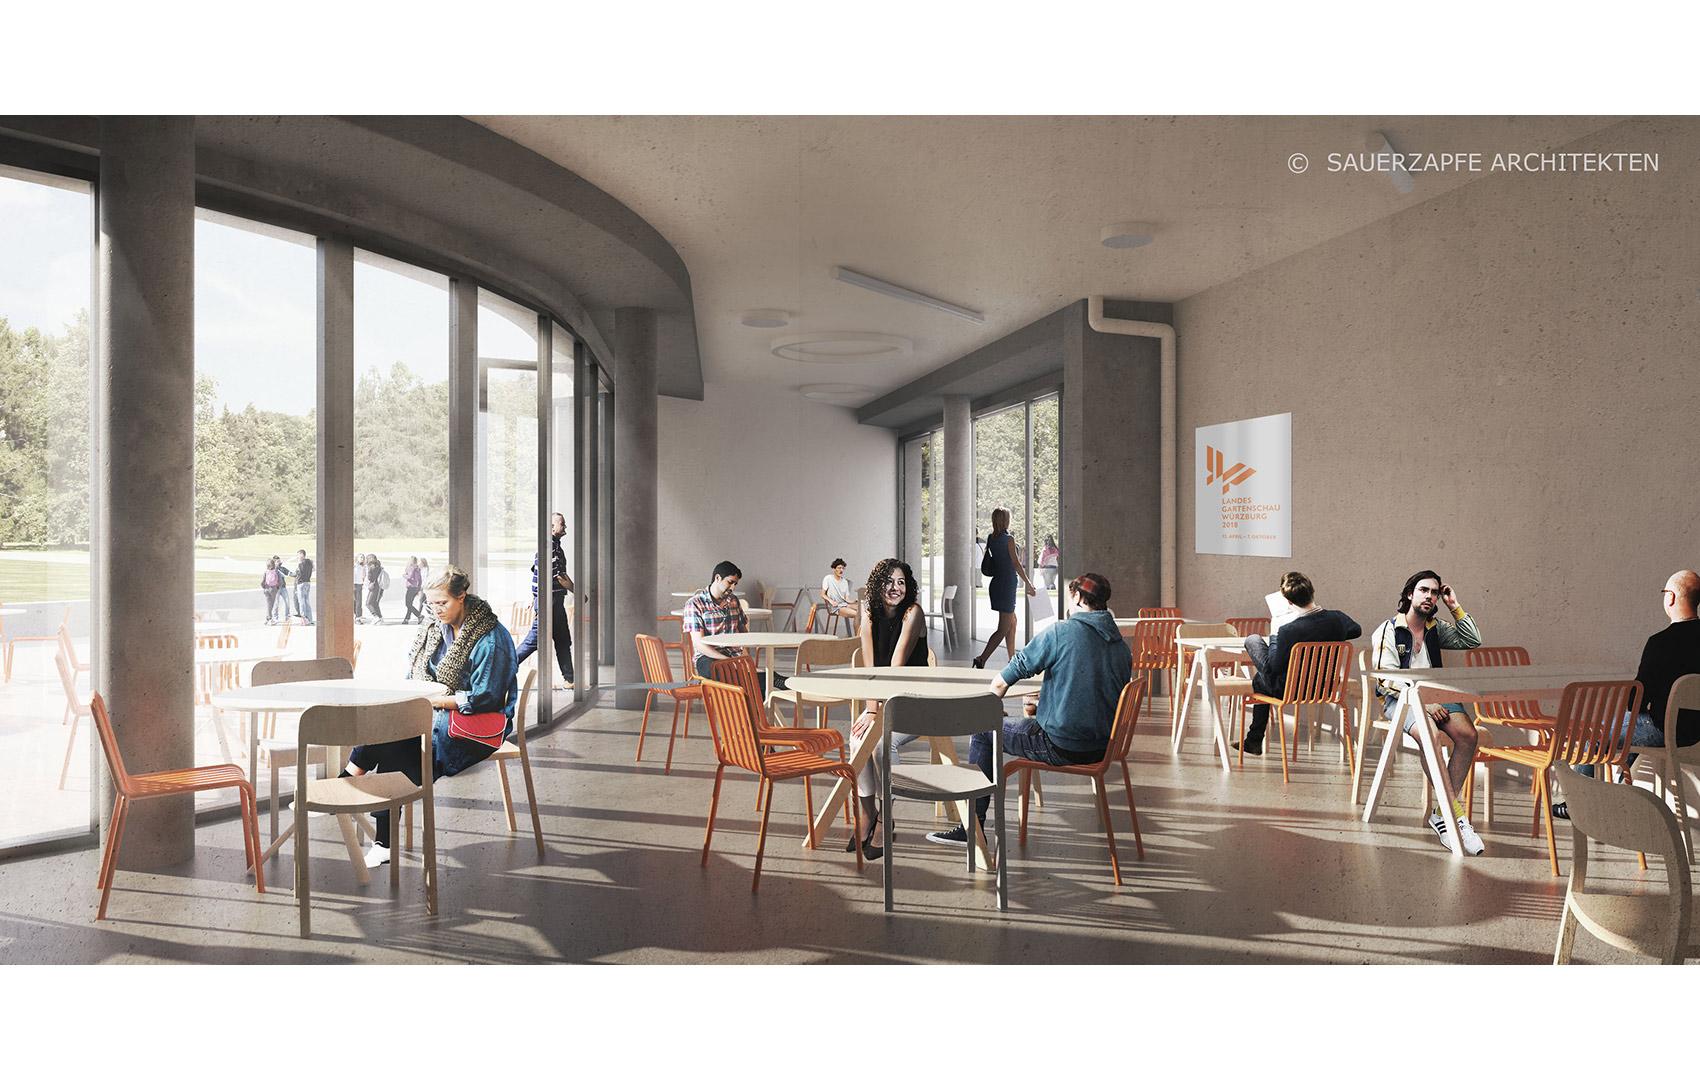 Belvedere LGS, Würzburg | Sauerzapfe Architekten